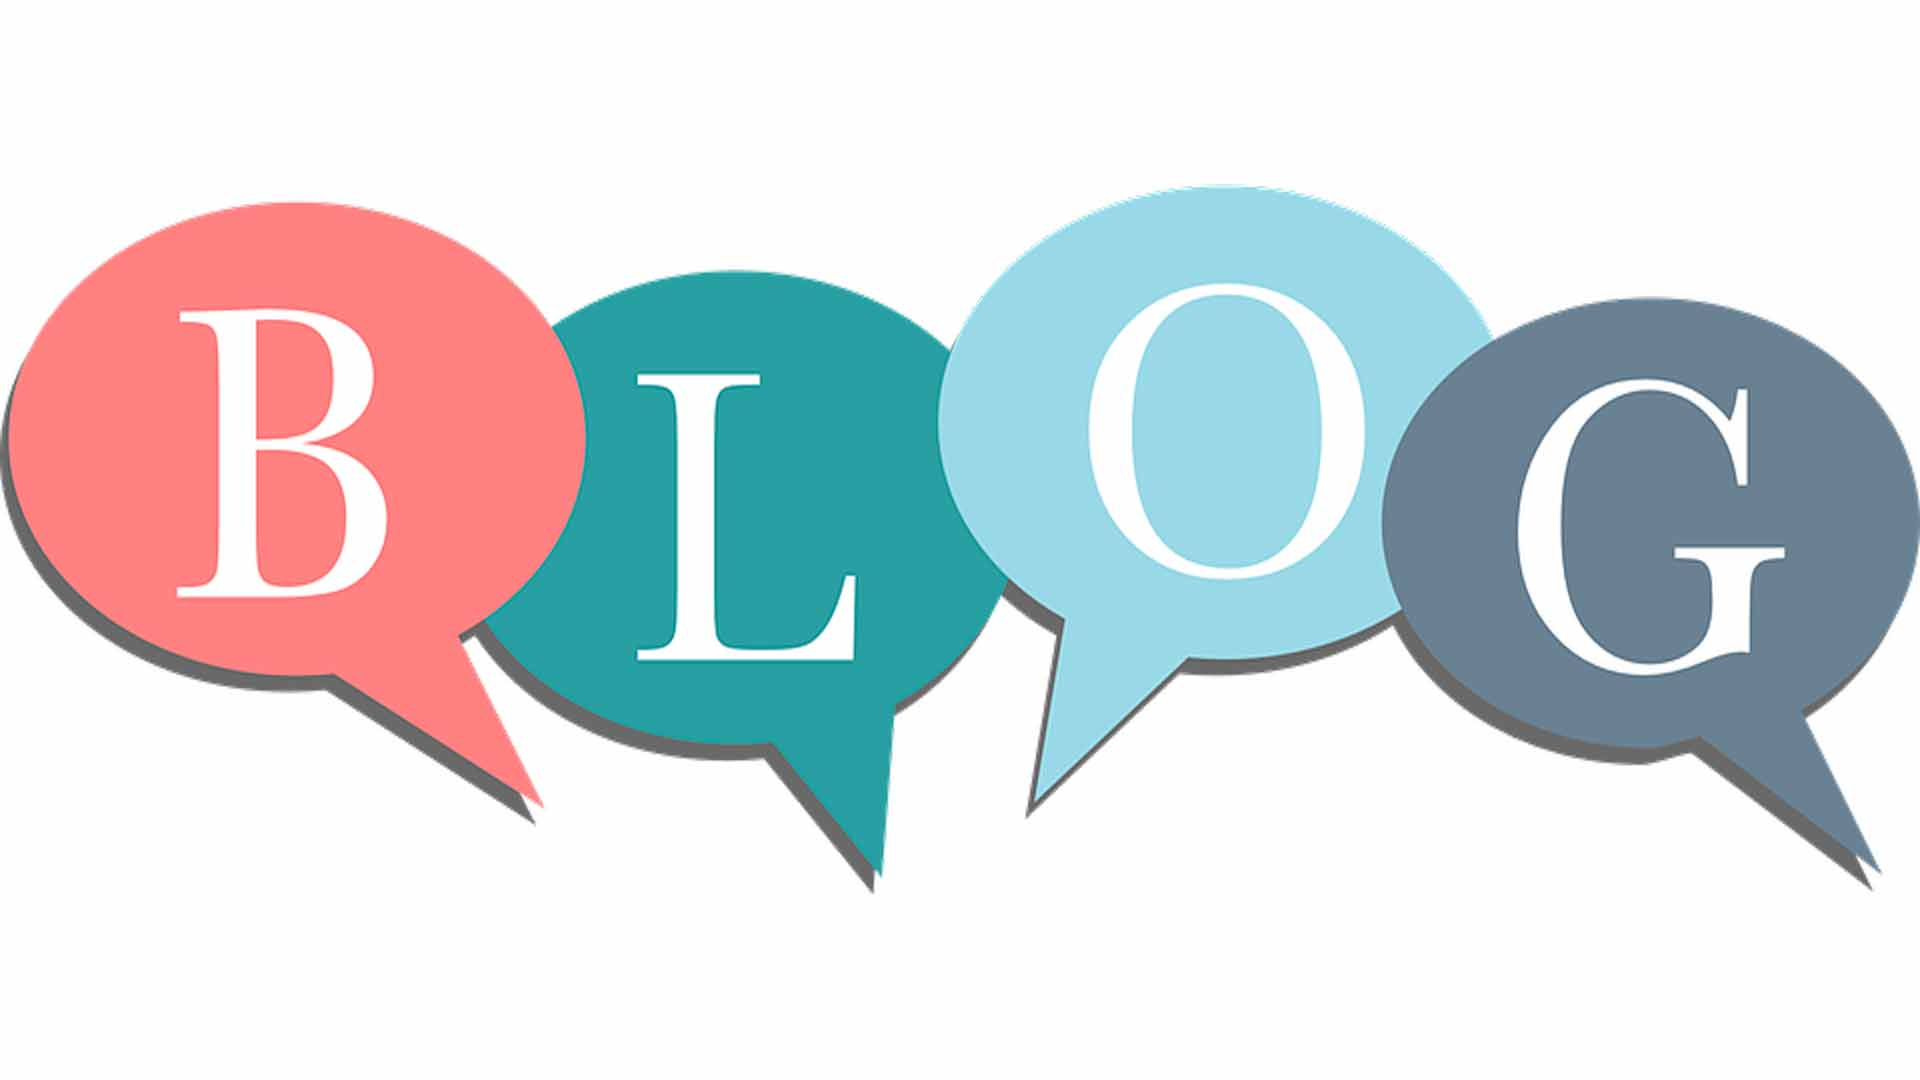 10-motivos-por-los-que-establecer-un-blog-de-empresa-1920